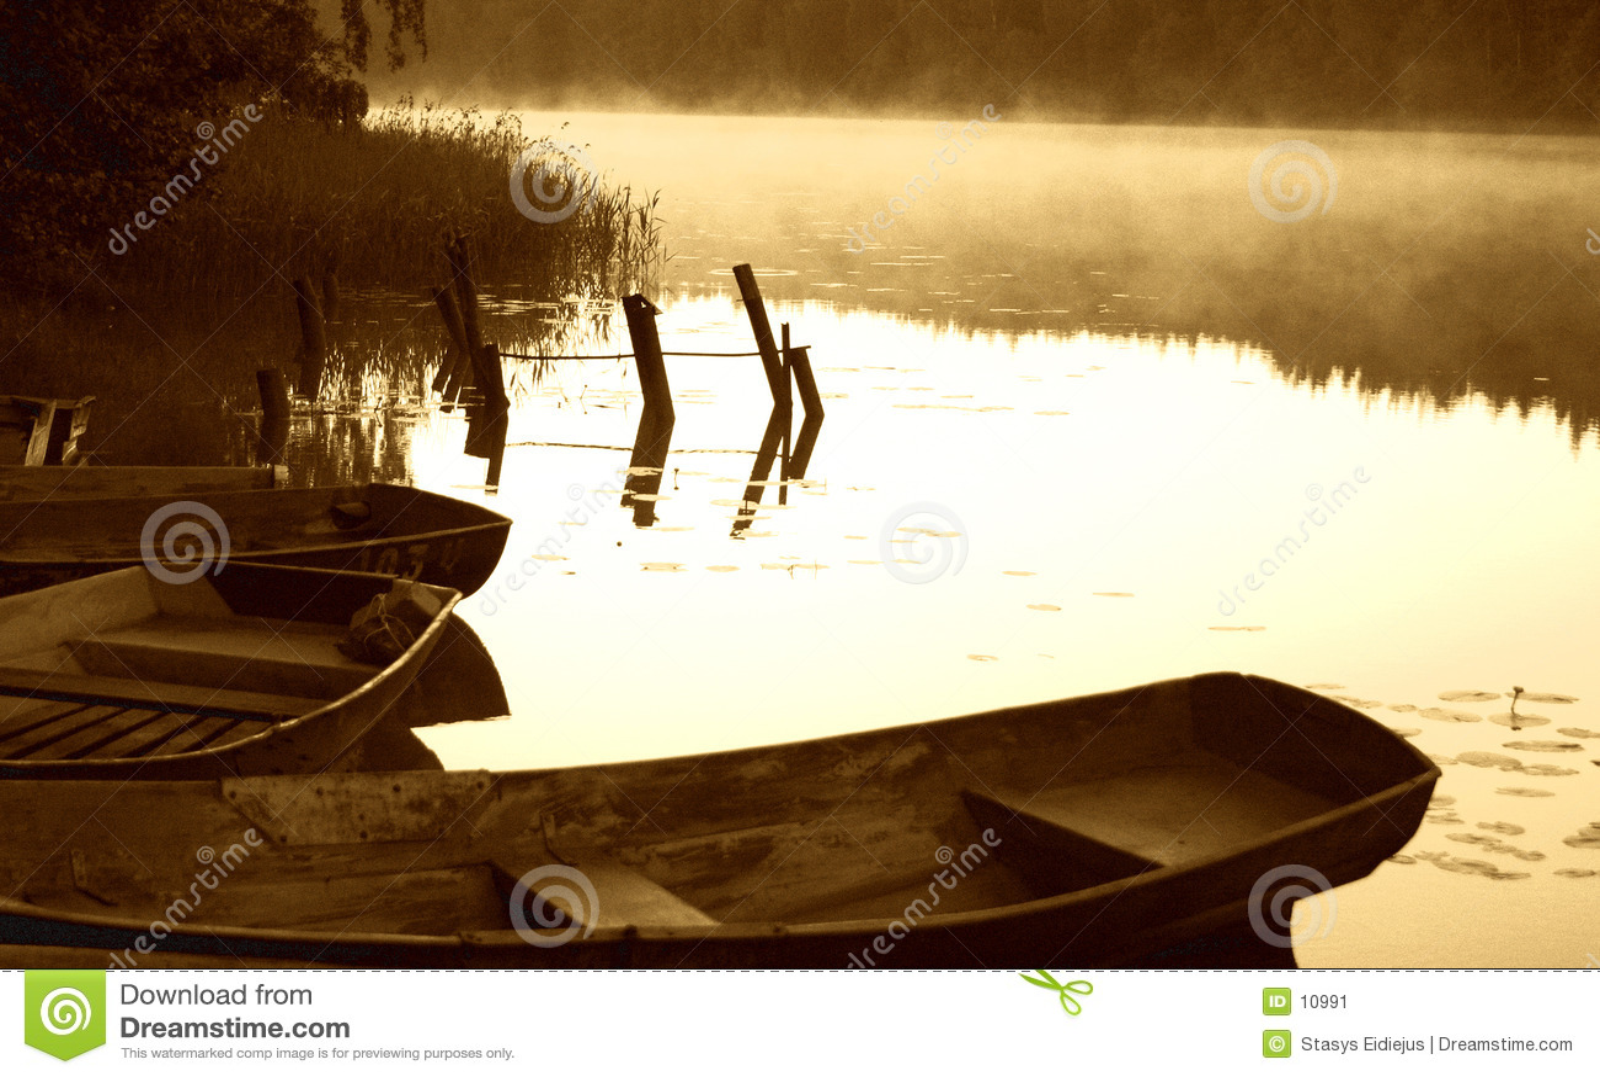 Croquis de début de la matinée par le lac brumeux avec des bateaux